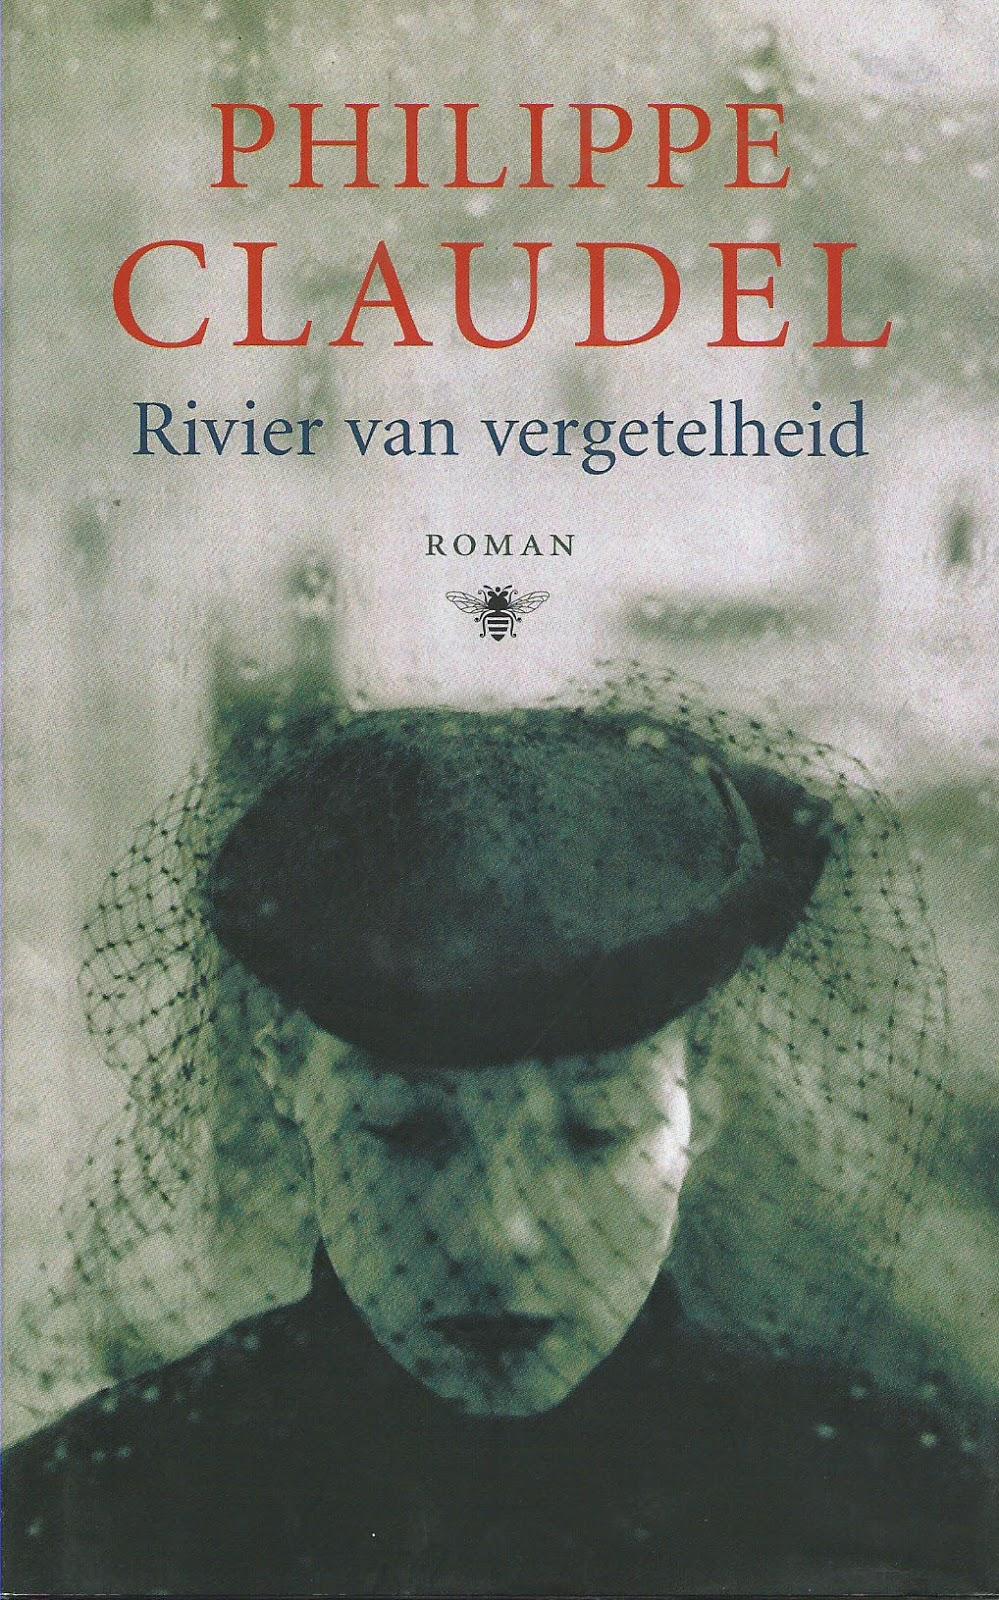 schrijver philippe claudel